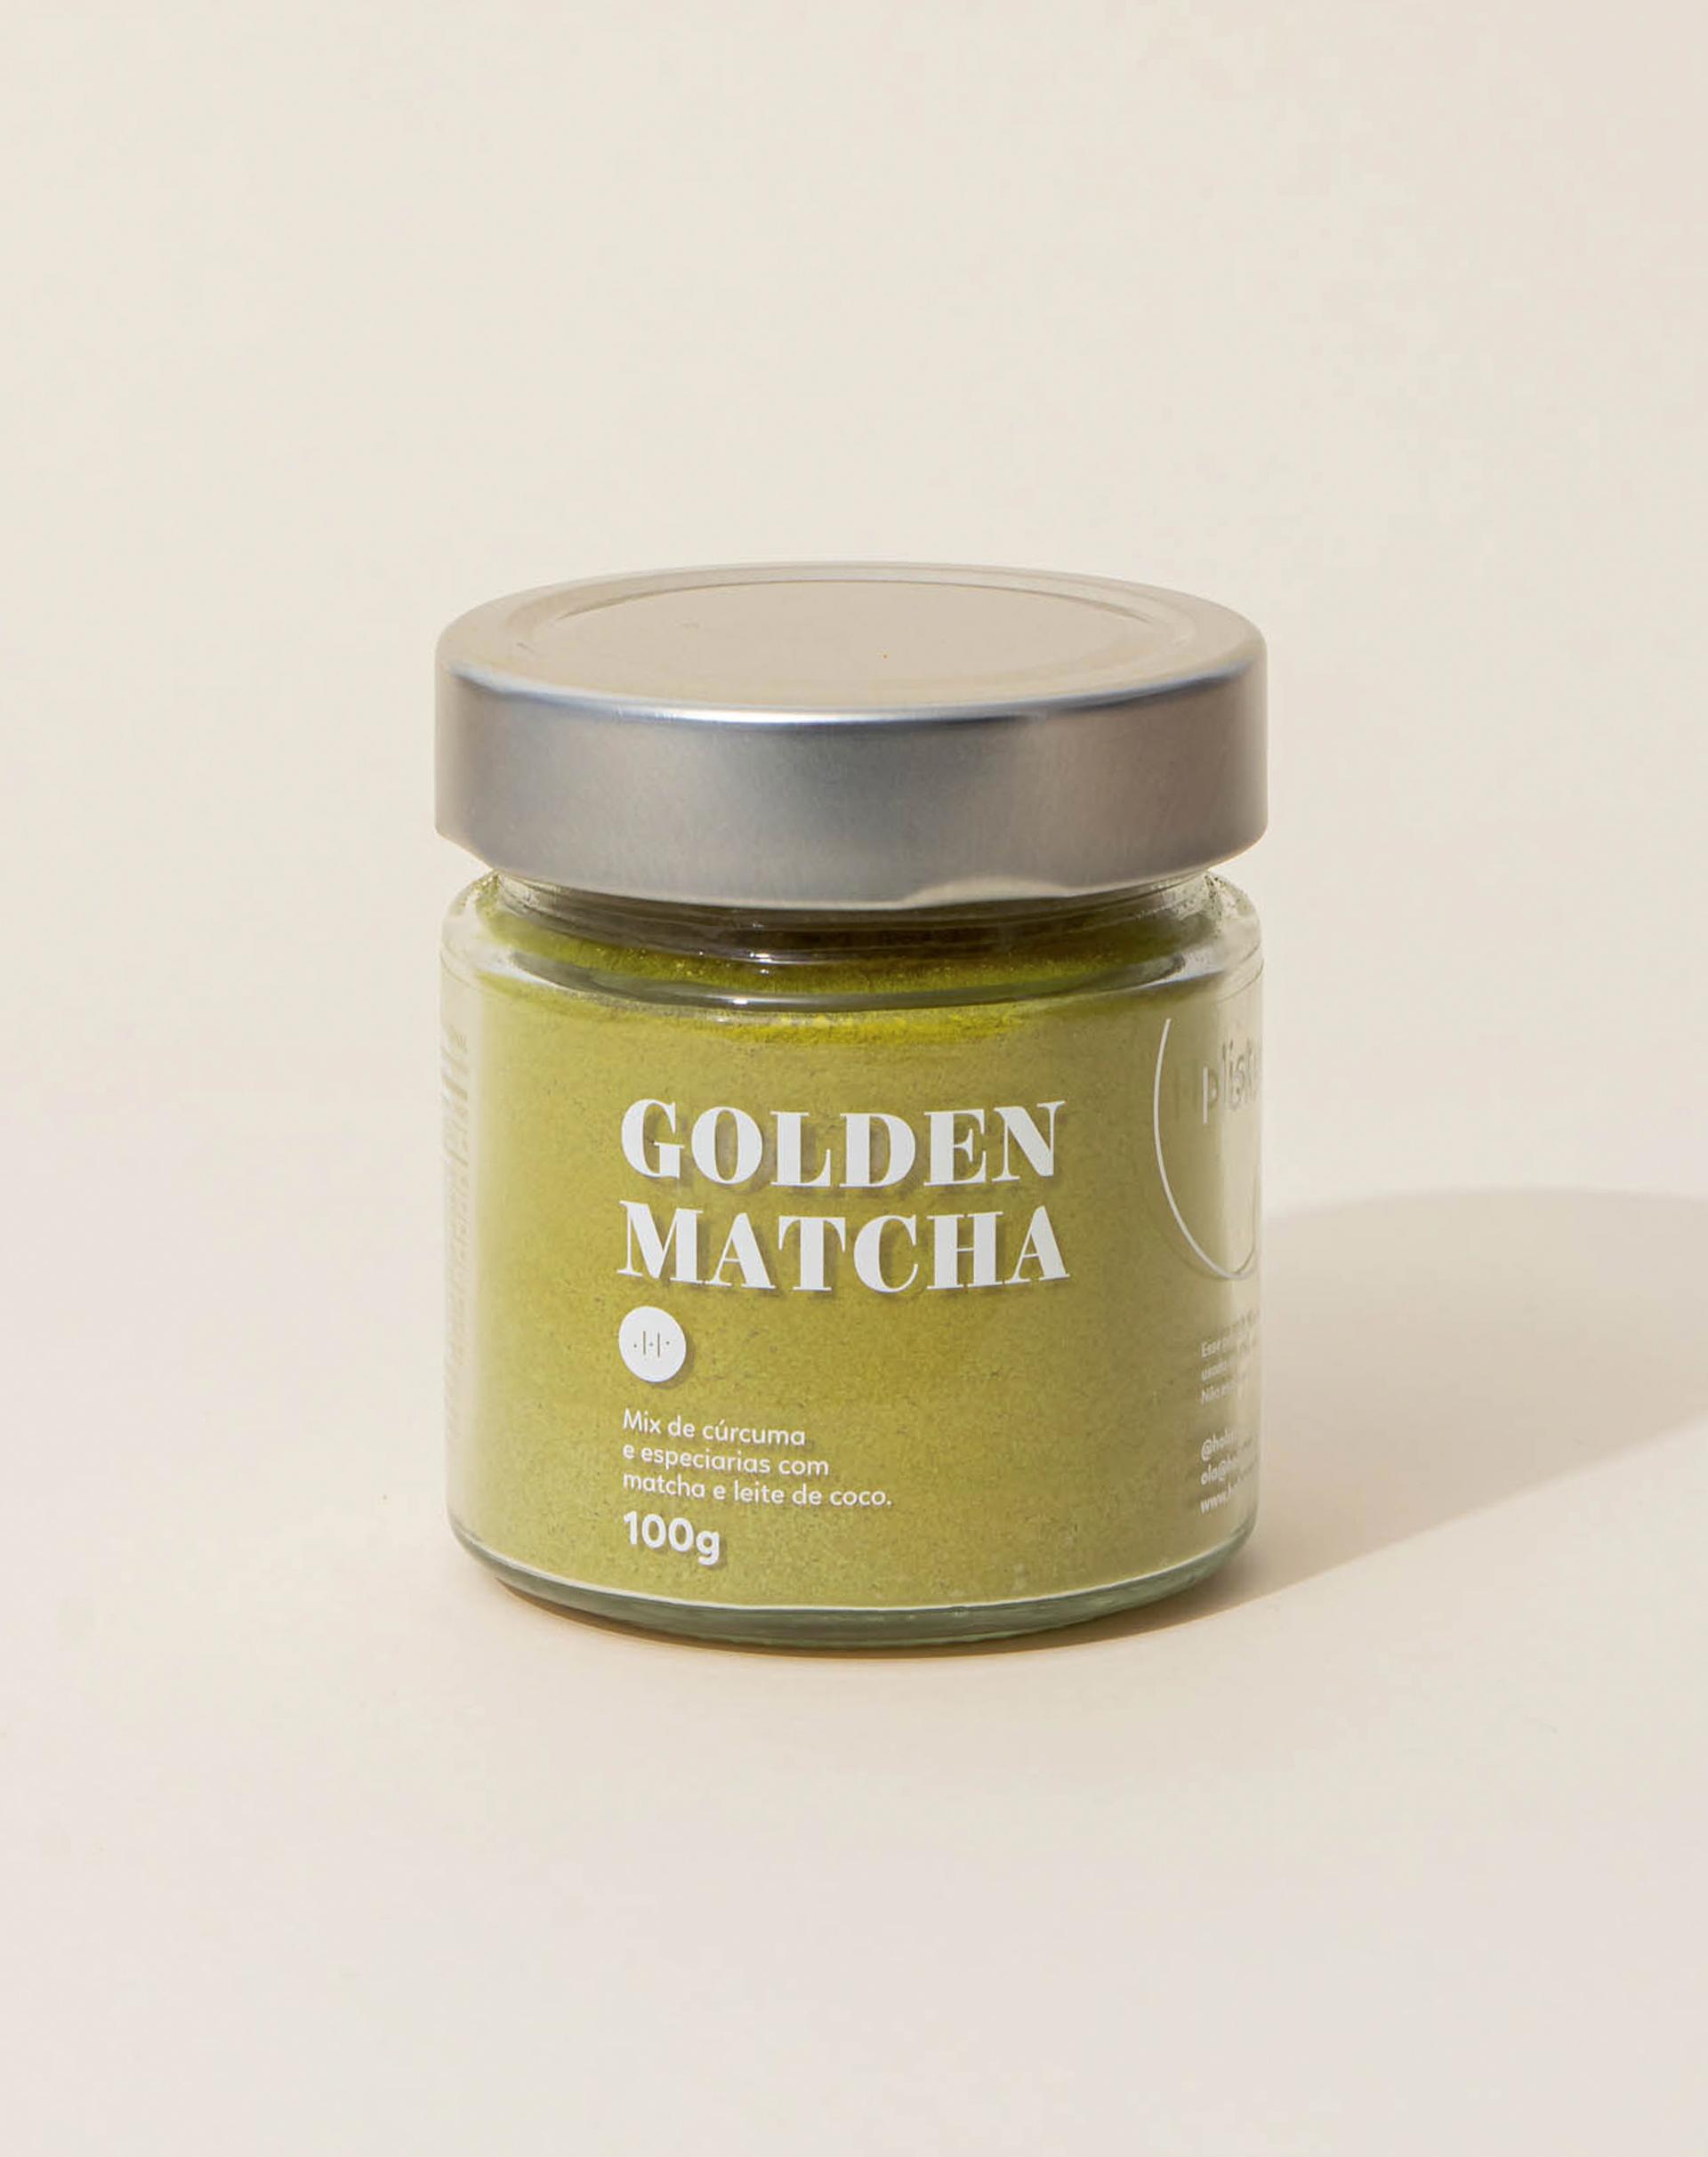 AMARO Feminino HOLISTIX GOLDEN MATCHA - 100G, MATCHA